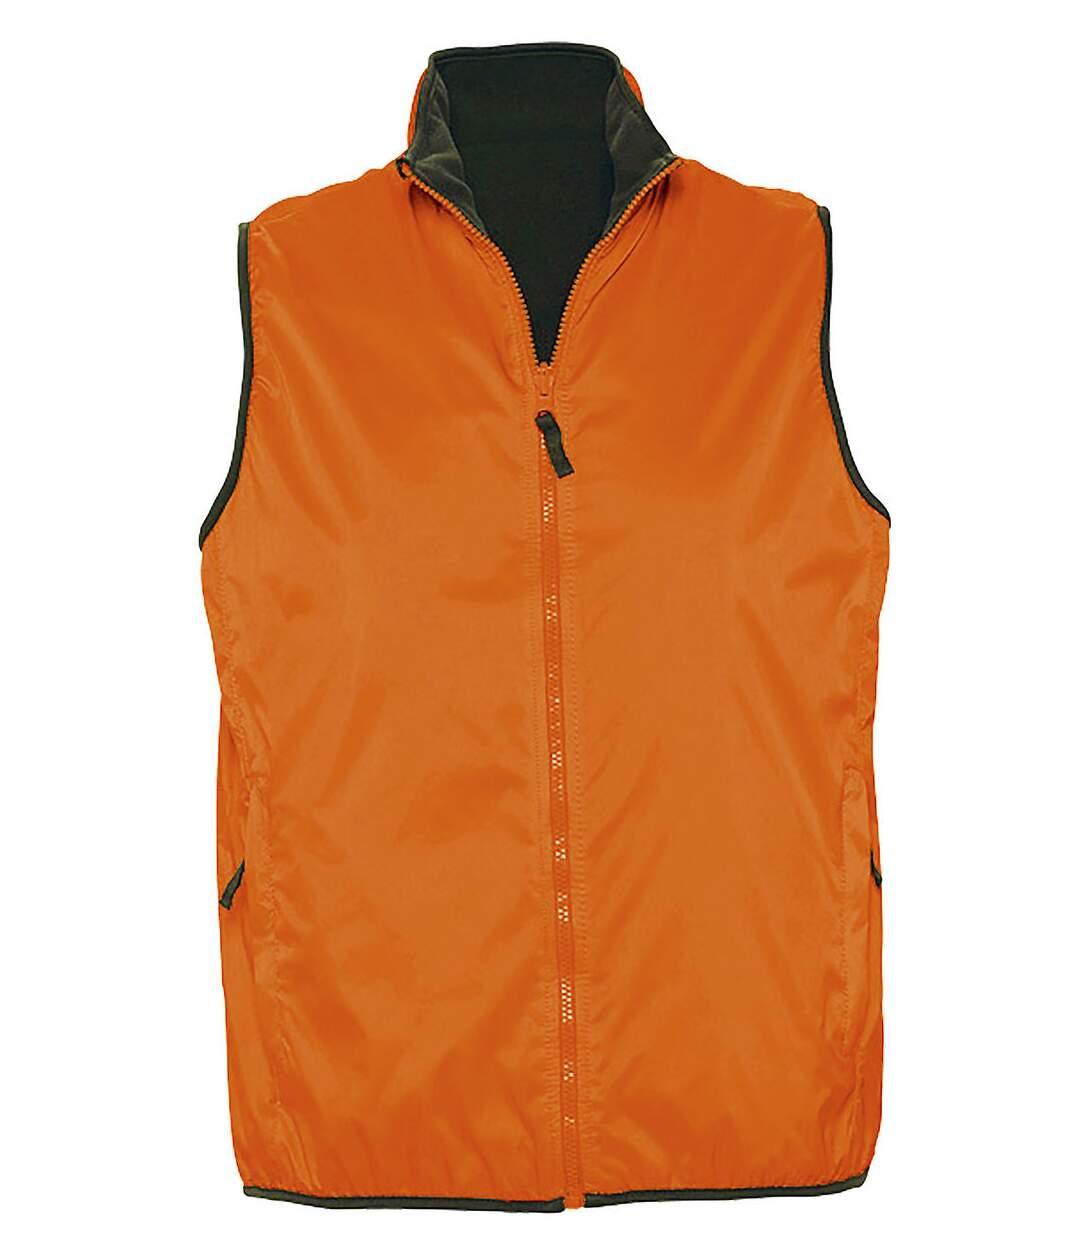 Gilet sans manches réversible imperméable doublé 44001 - orange - unisexe